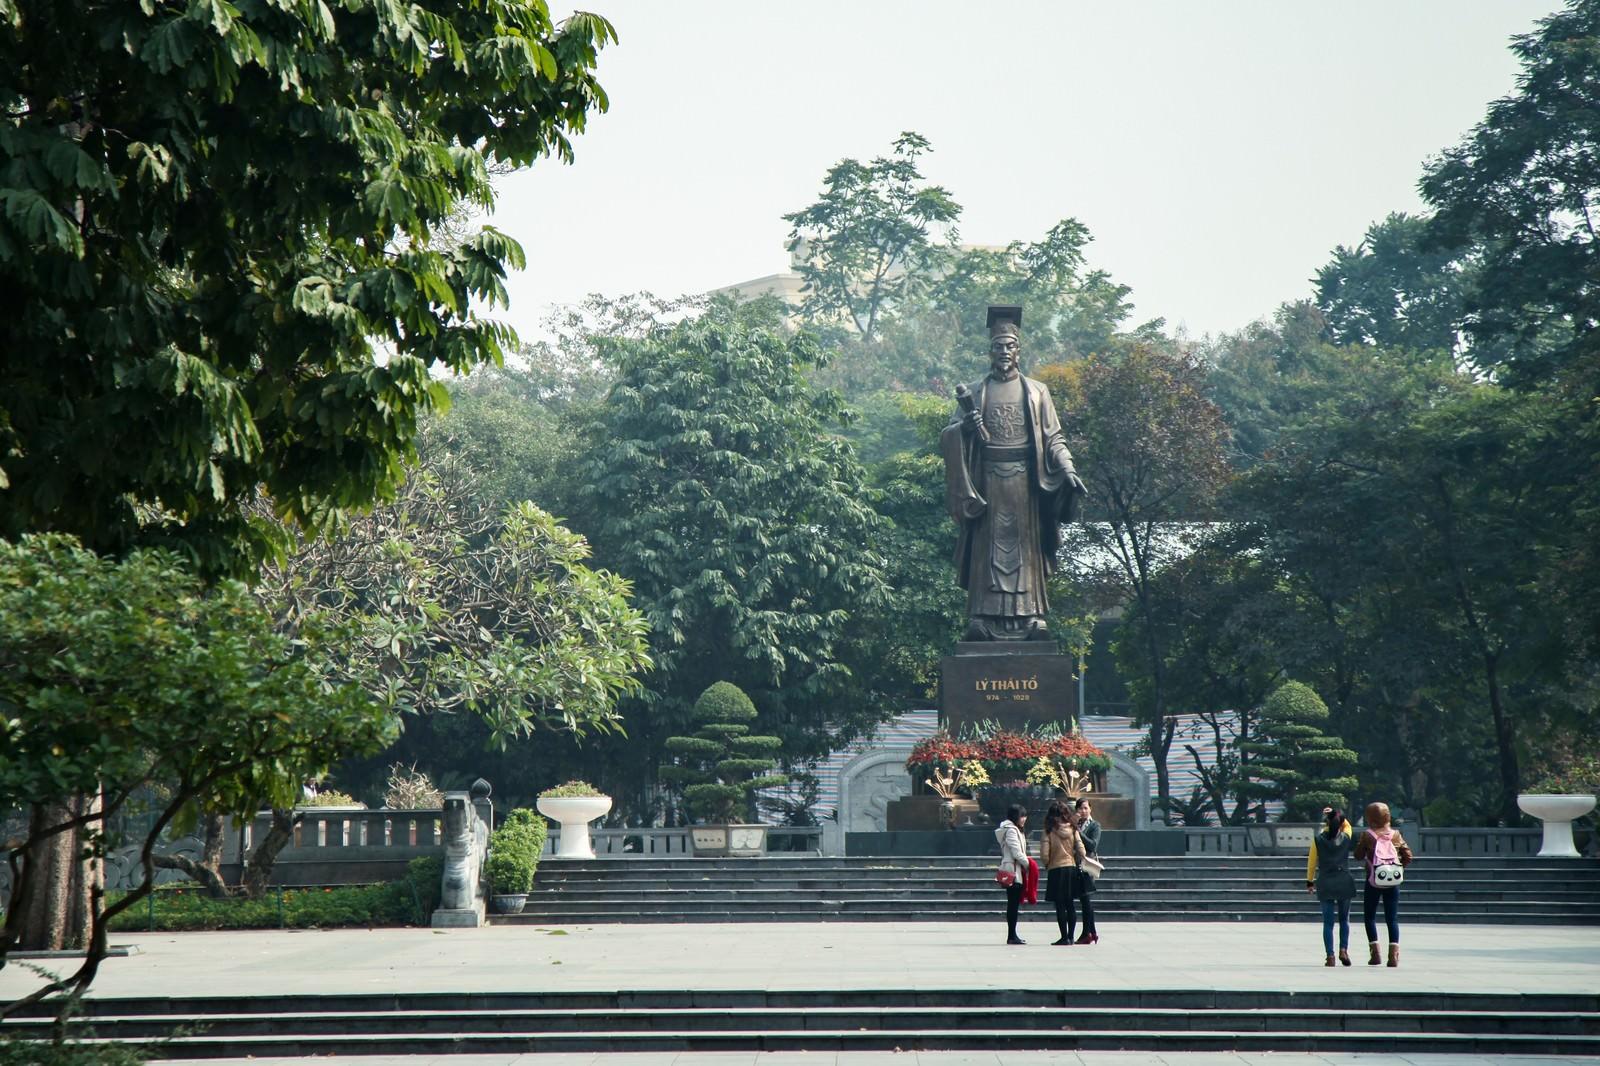 「ベトナム・ハノイのリータイトー公園にある李太祖(リータイトー)のブロンズ像」の写真